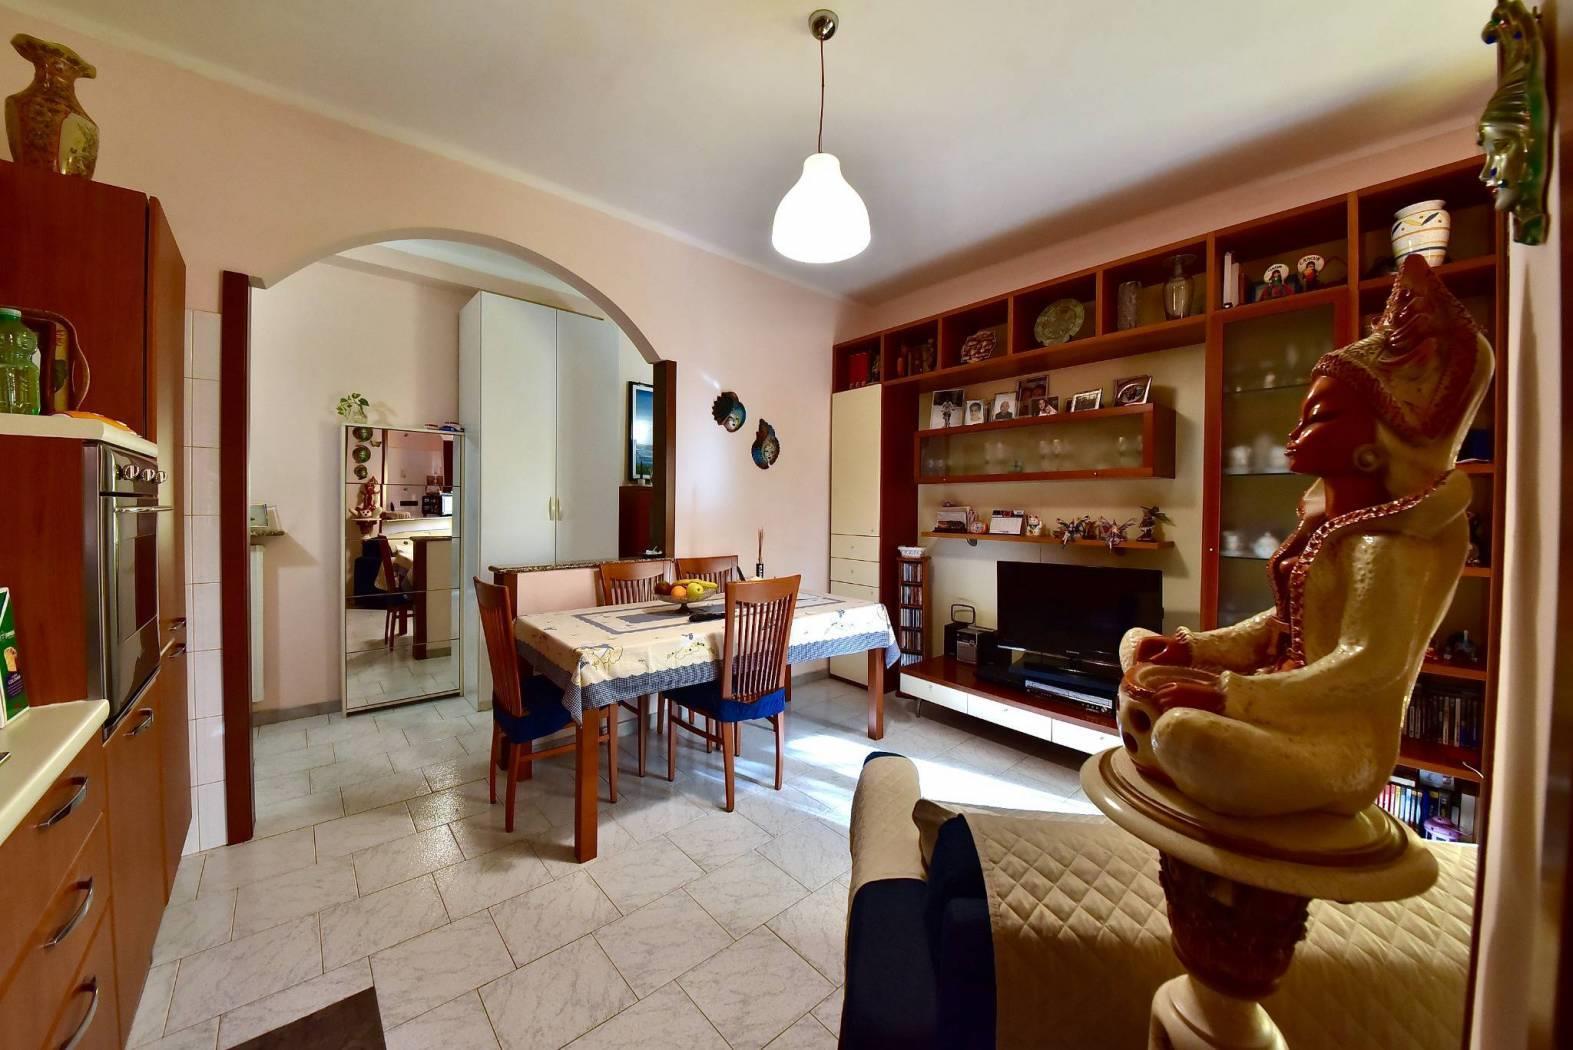 Foto 4 - Appartamento in Vendita - Desio (Monza e Brianza)